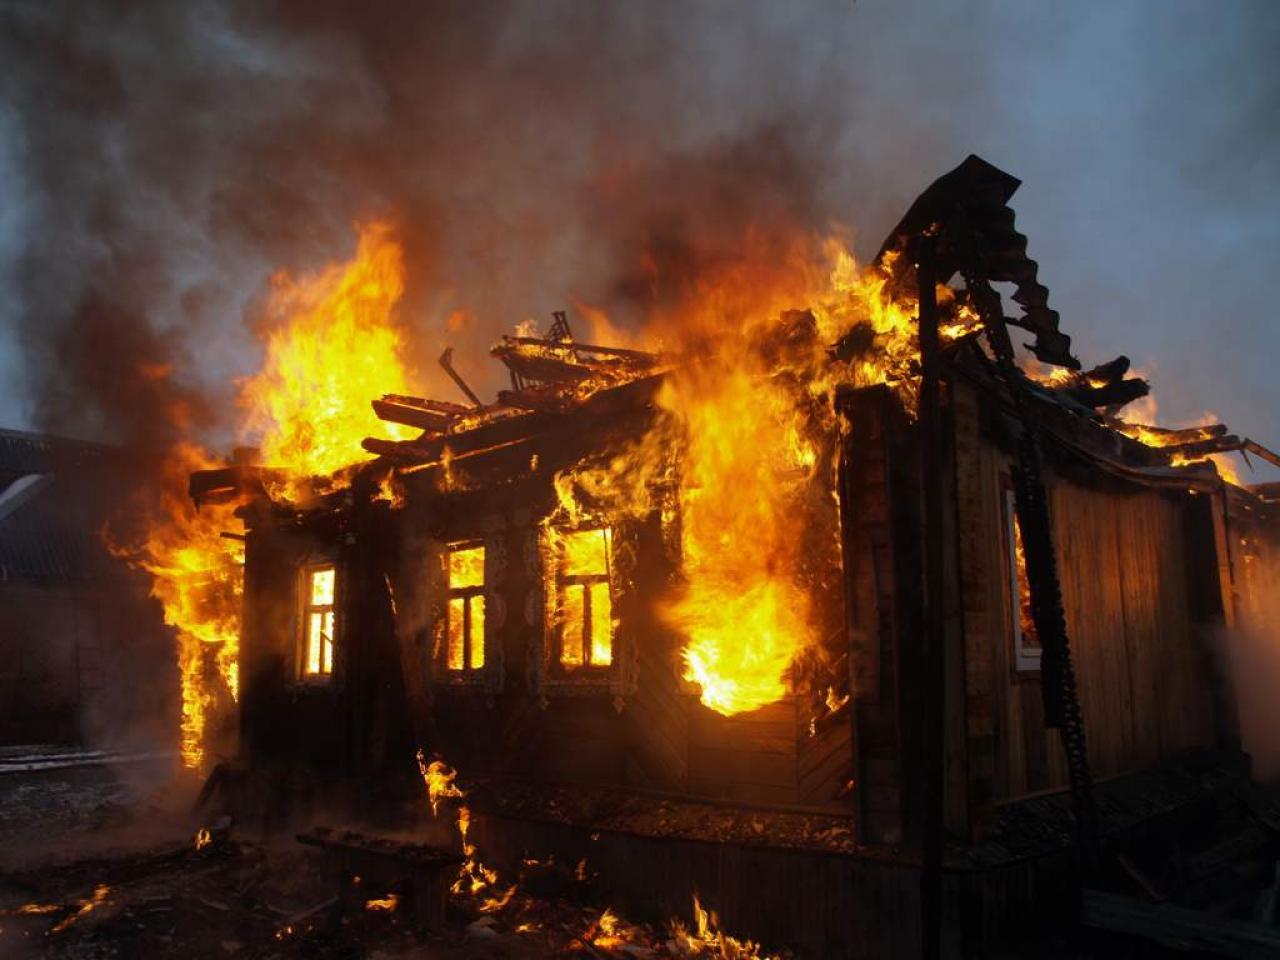 На Запоріжжі бійці ДСНС вивели жінку та двох дітей з палаючого будинку